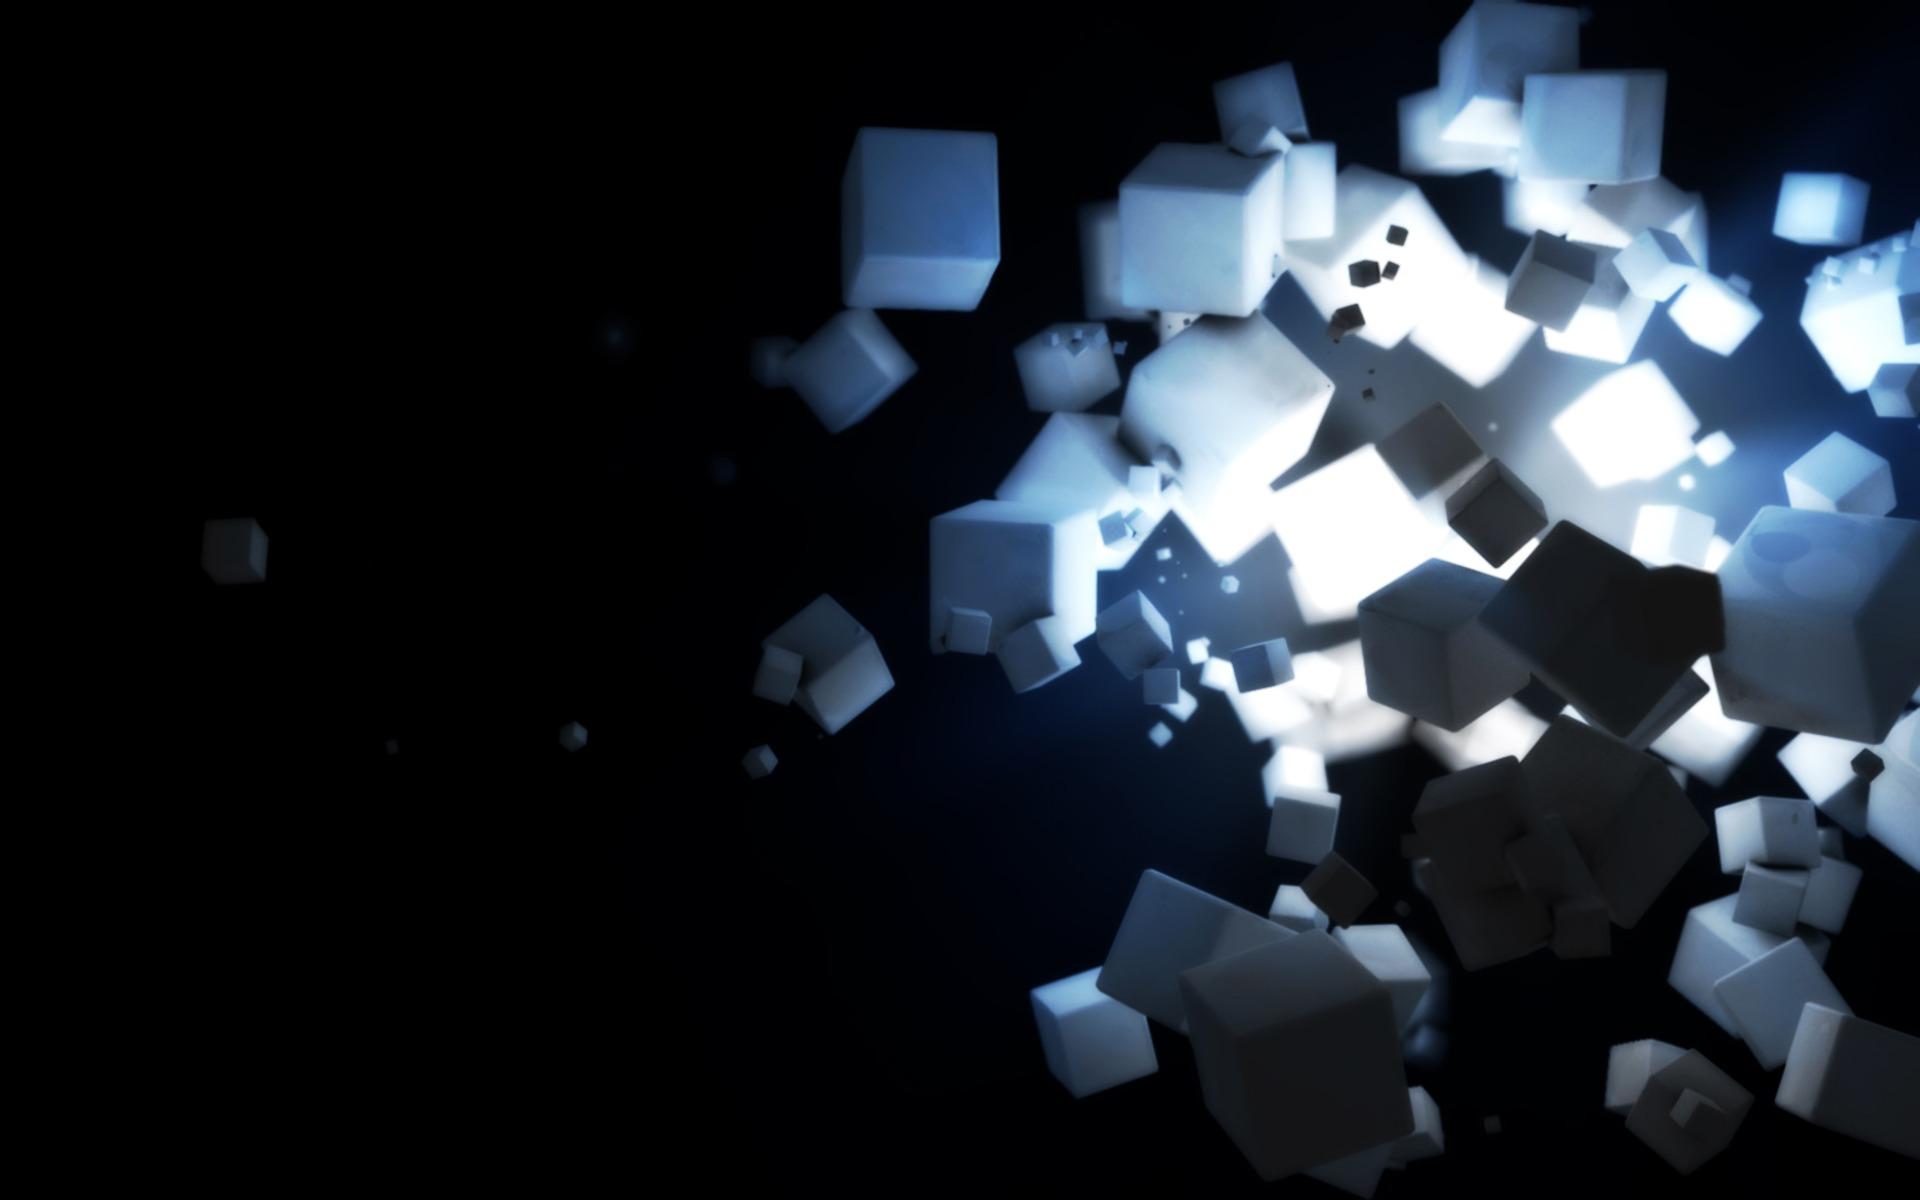 3d Wallpapers 1080p Free Download 1080p 3d Images Pixelstalk Net